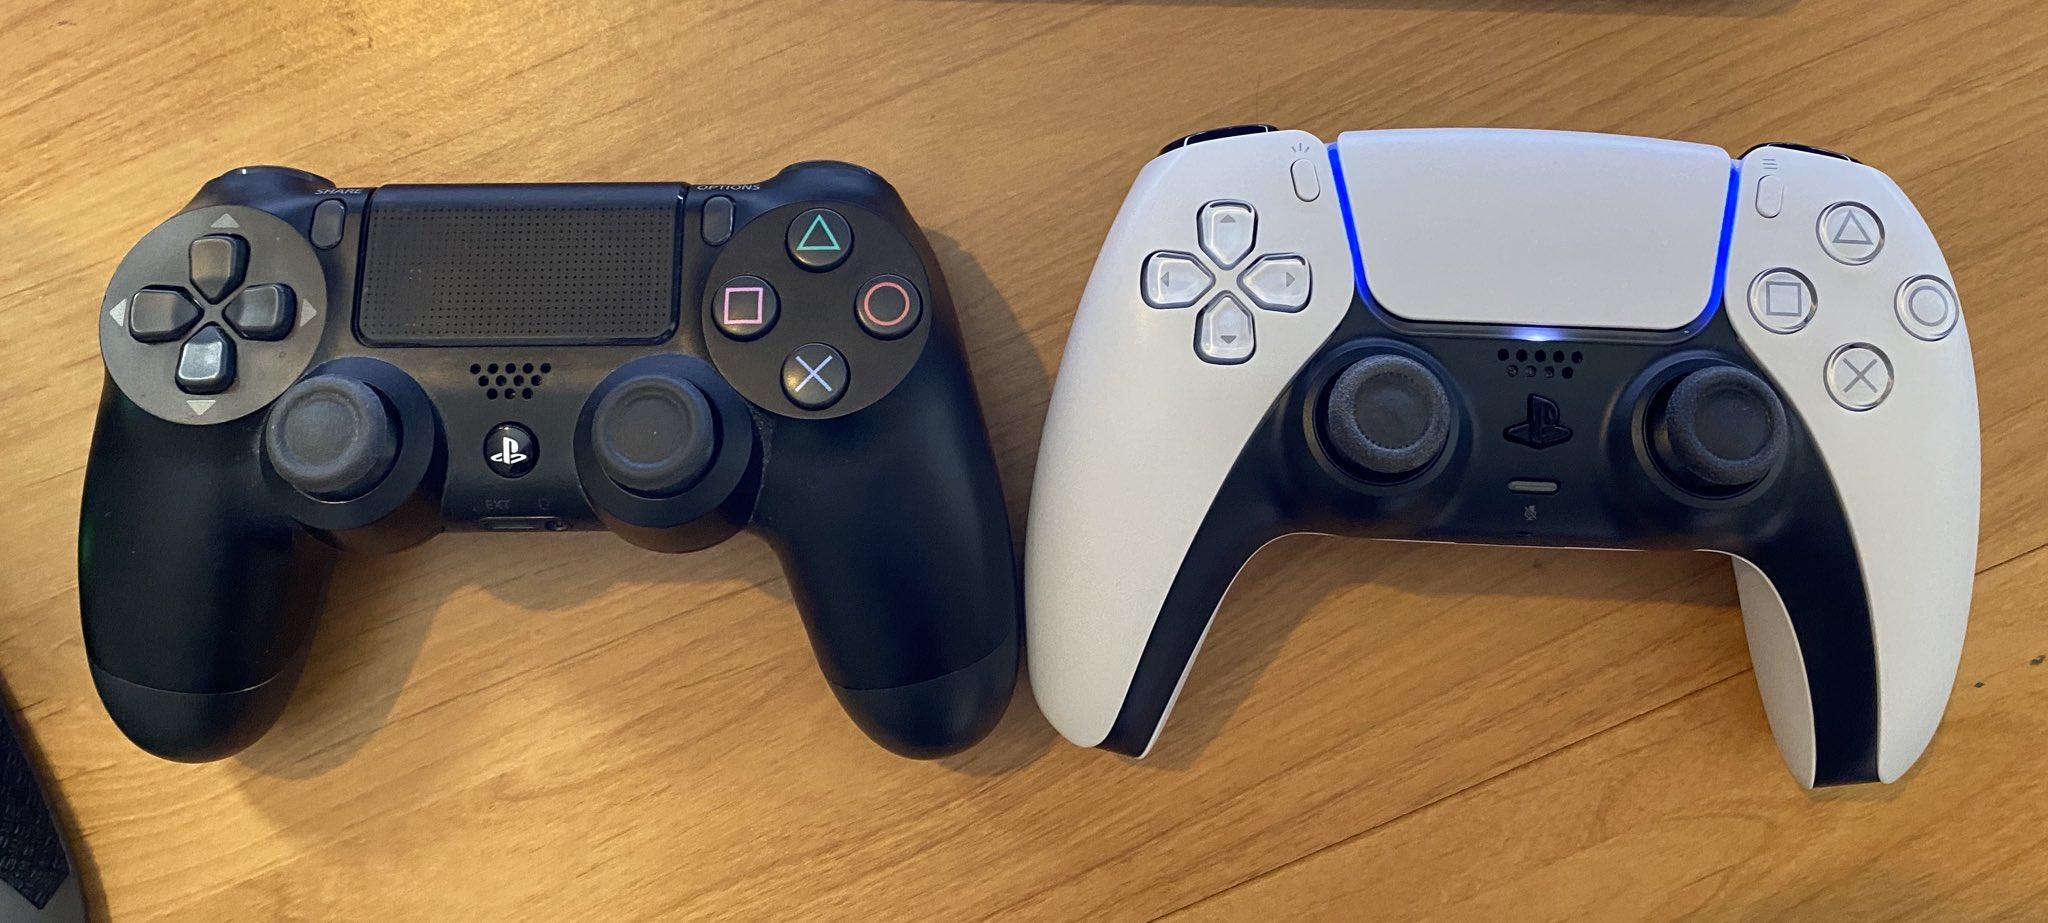 Слева геймпад о PS4, справа – от PS5 / twitter.com